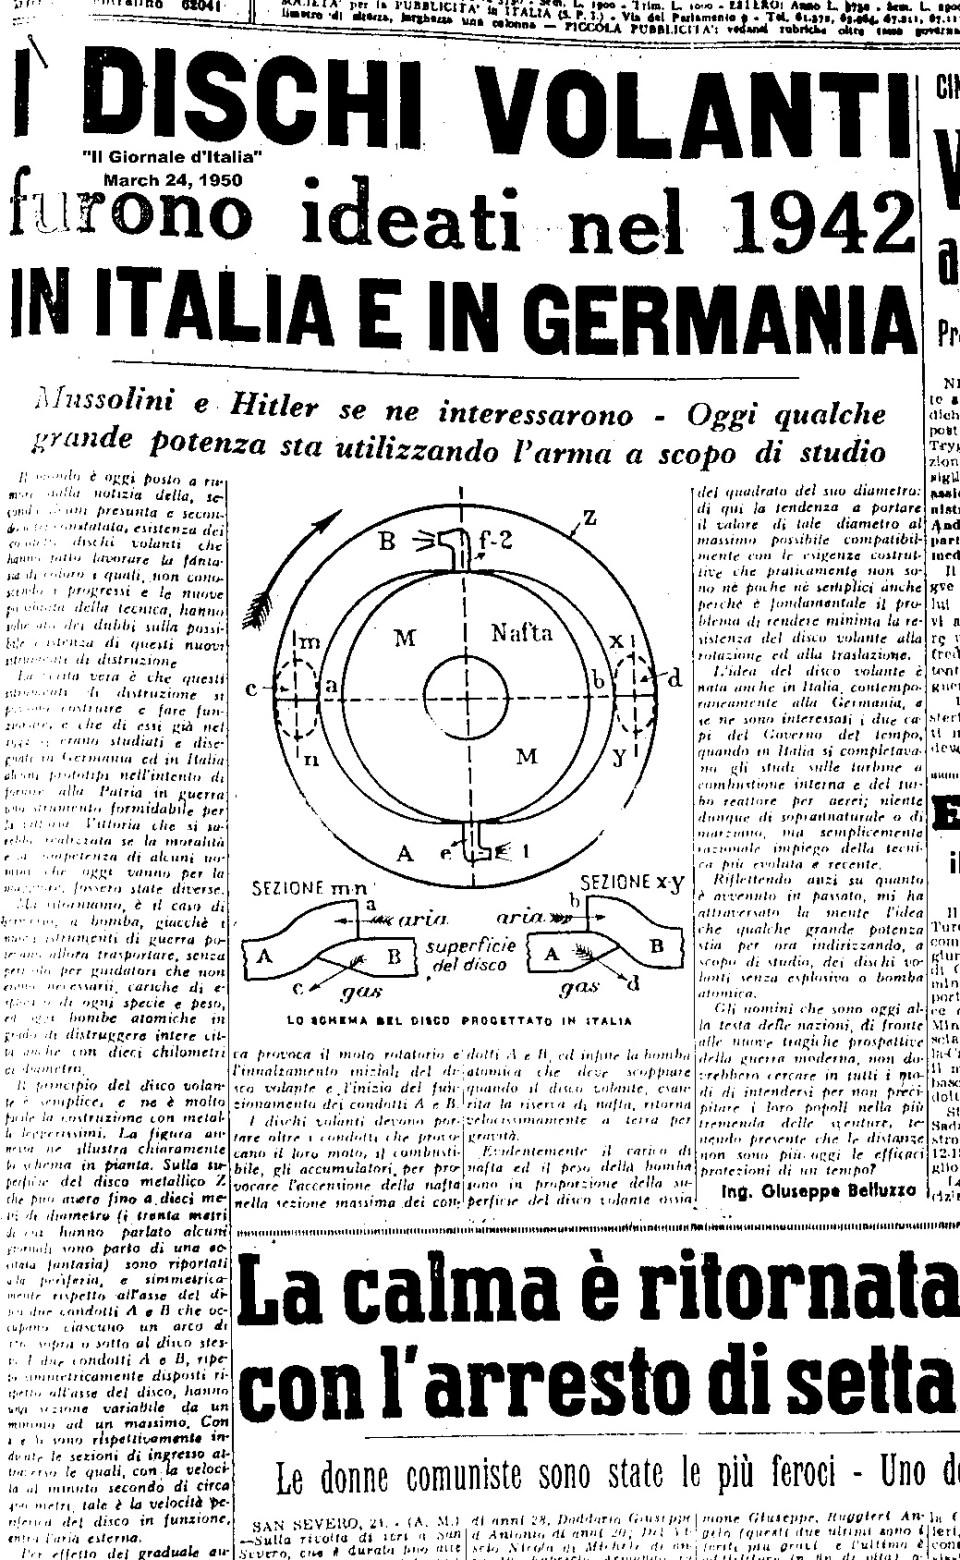 Documentos da CIA sugerem que os nazistas realmente construíram OVNIs 2